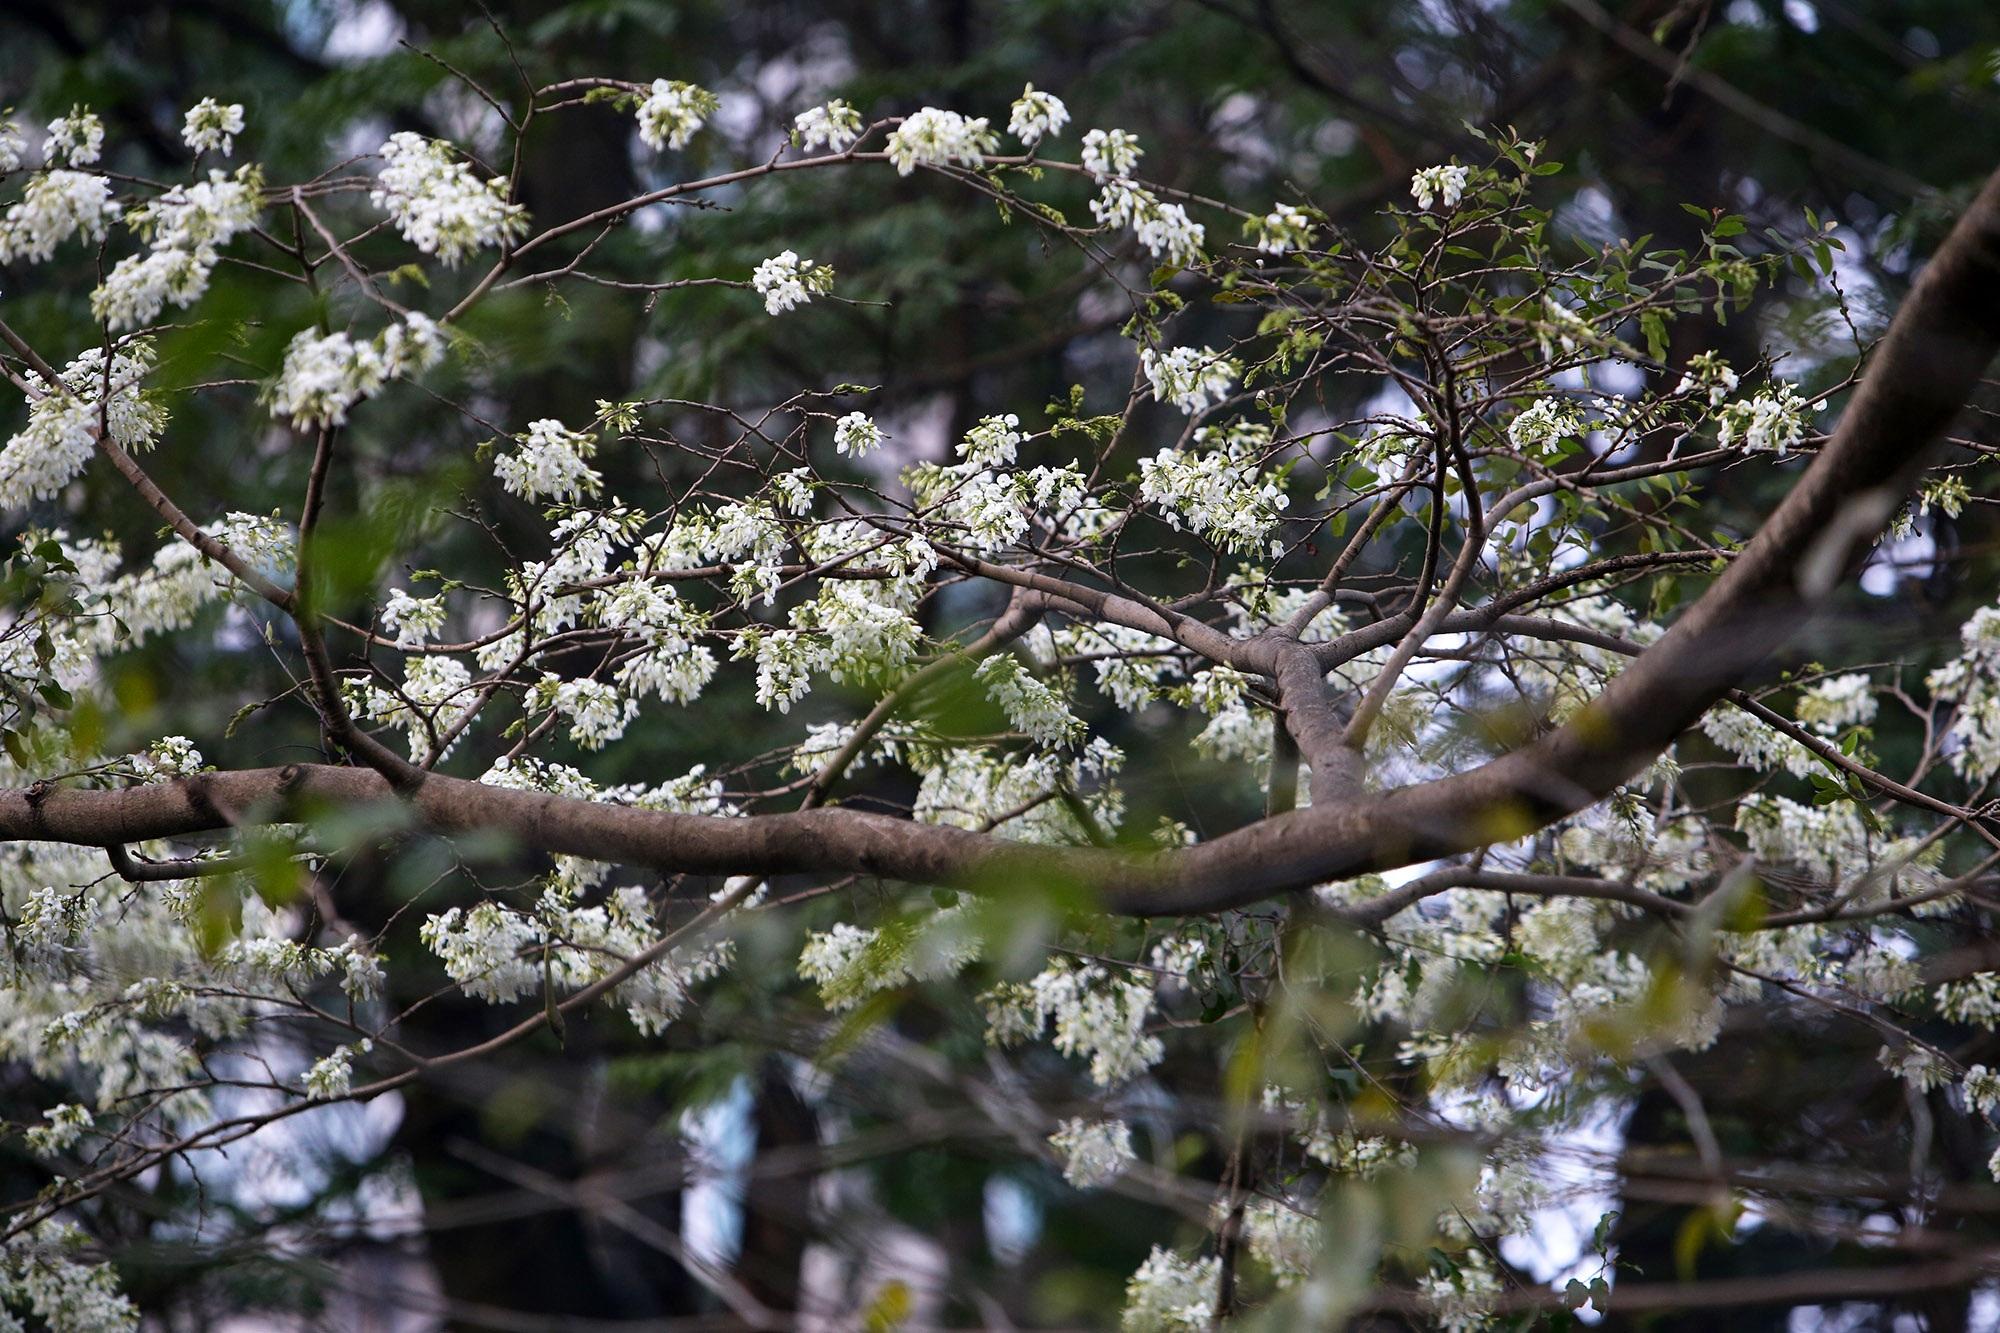 Ngắm hoa sưa nở trắng trời Hà Nội - 8